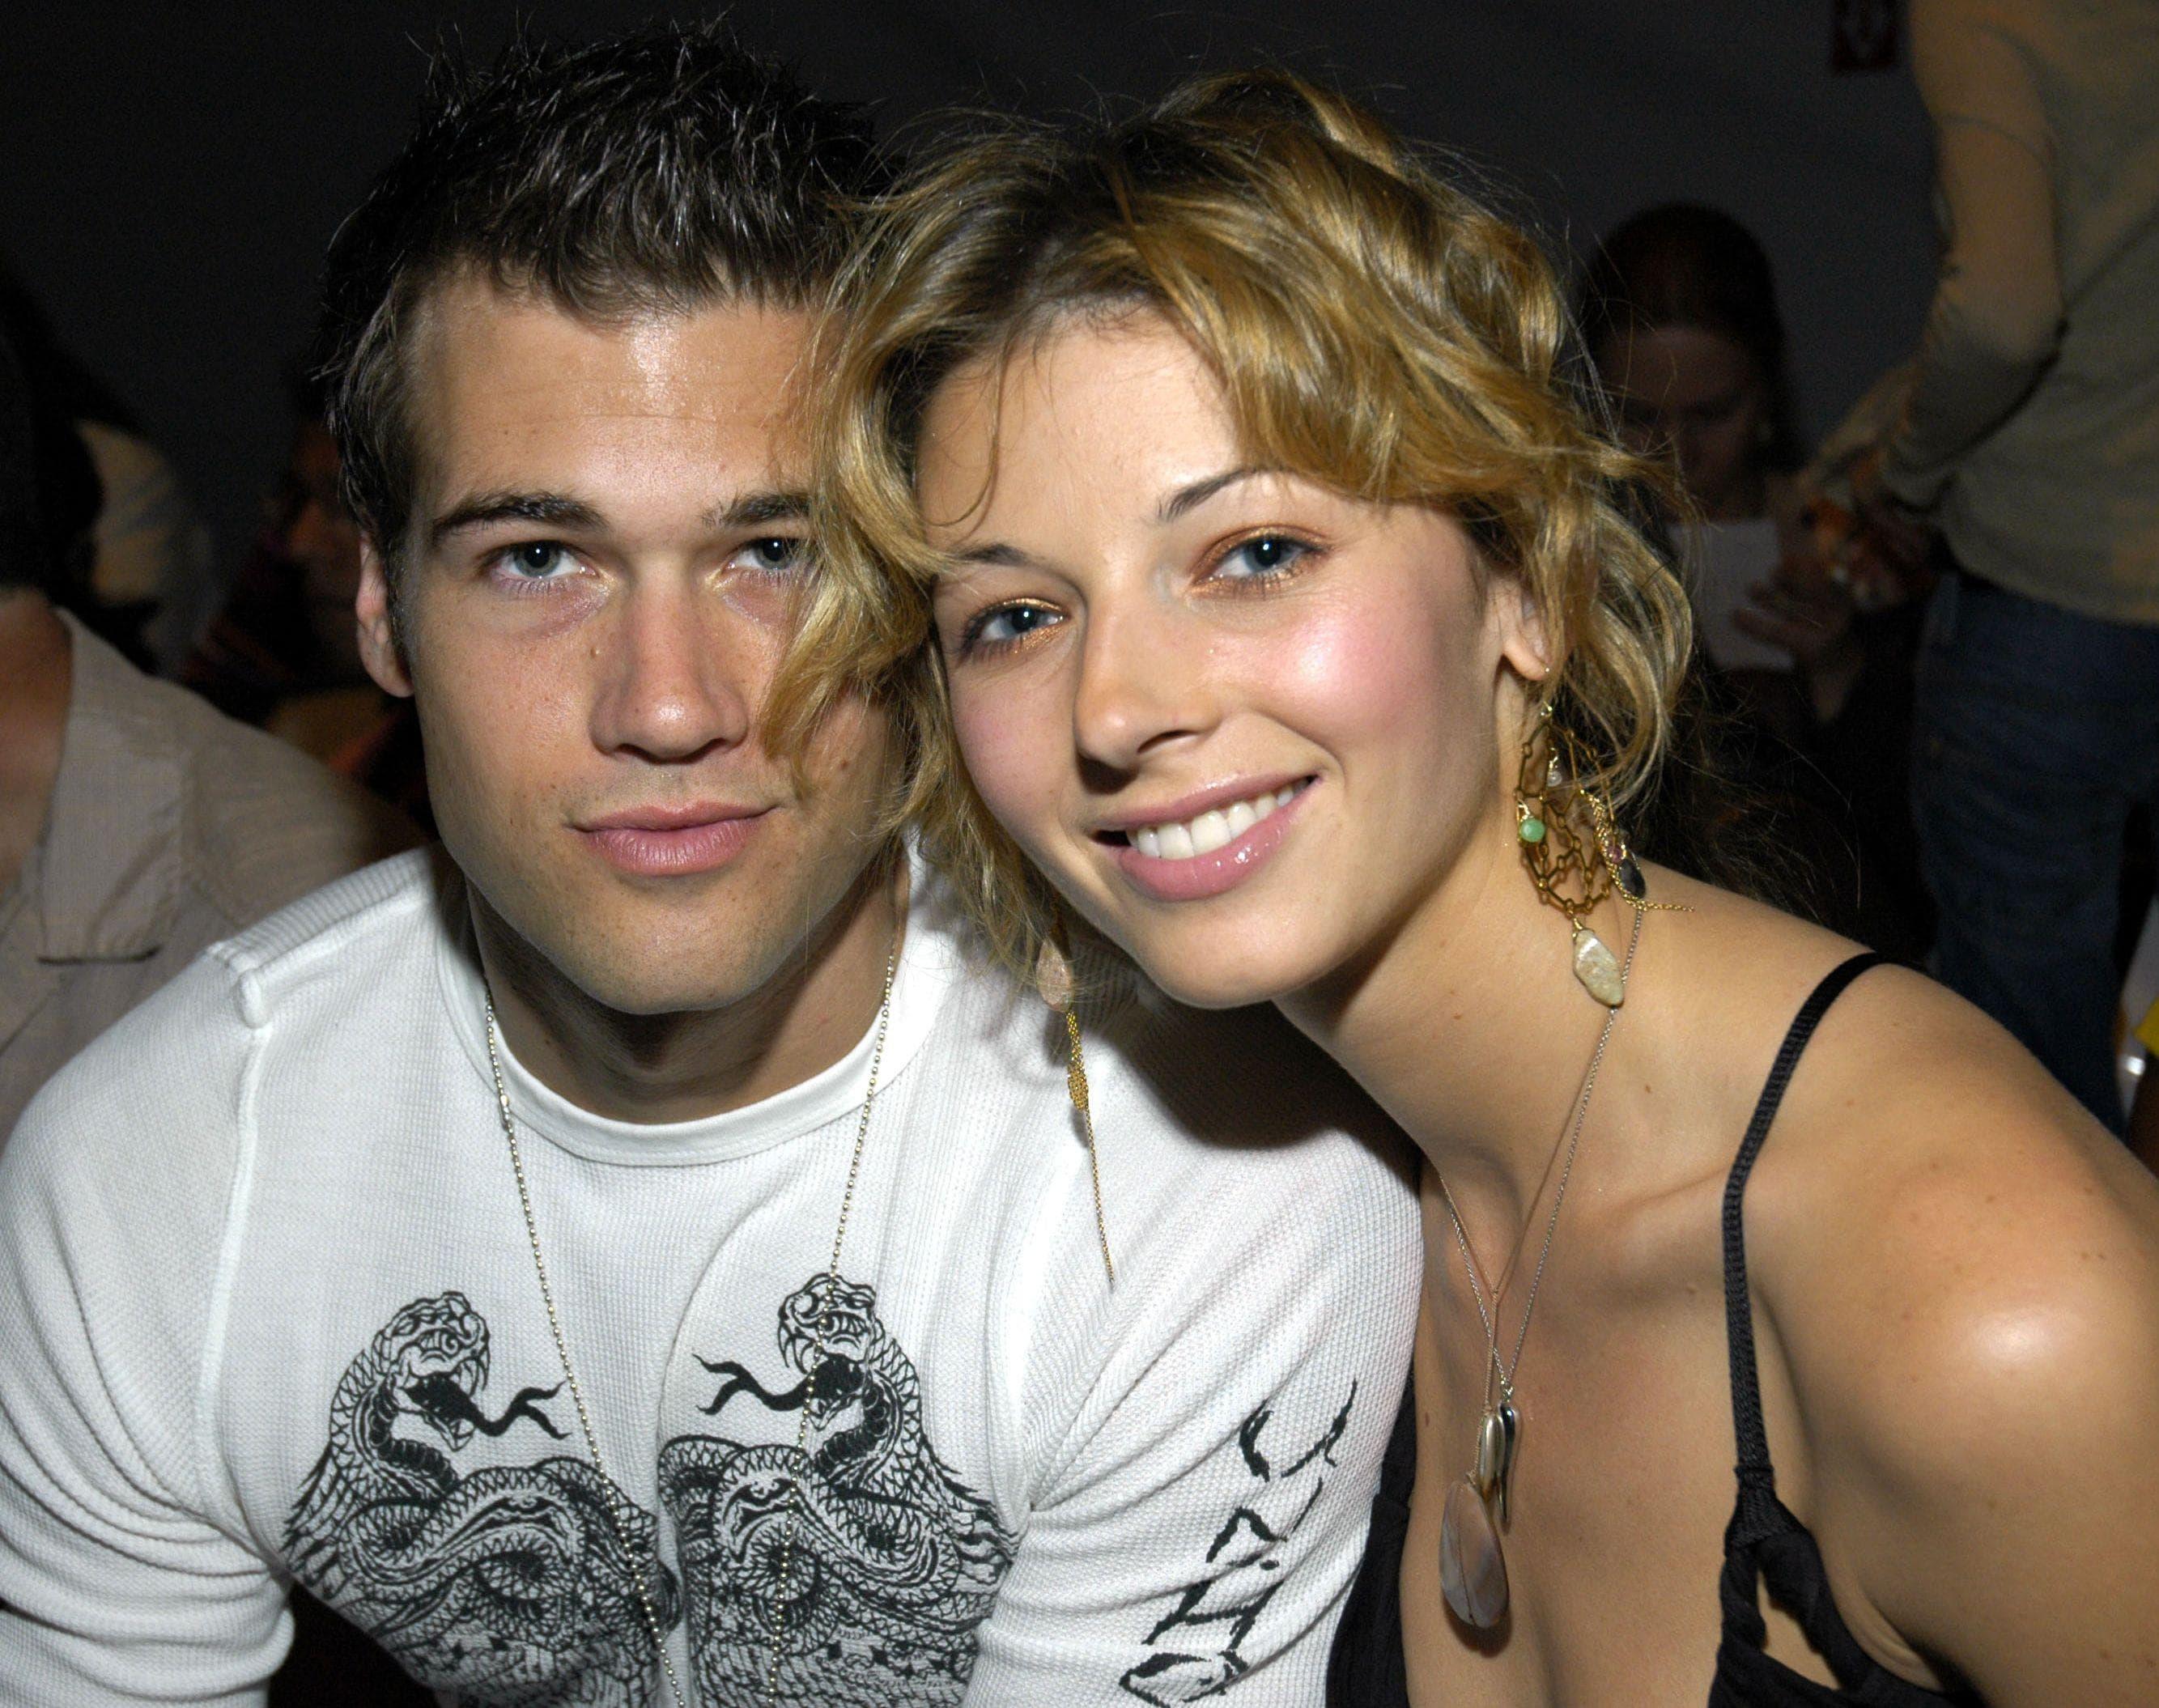 Nick Zano dating Kristin Cavallari